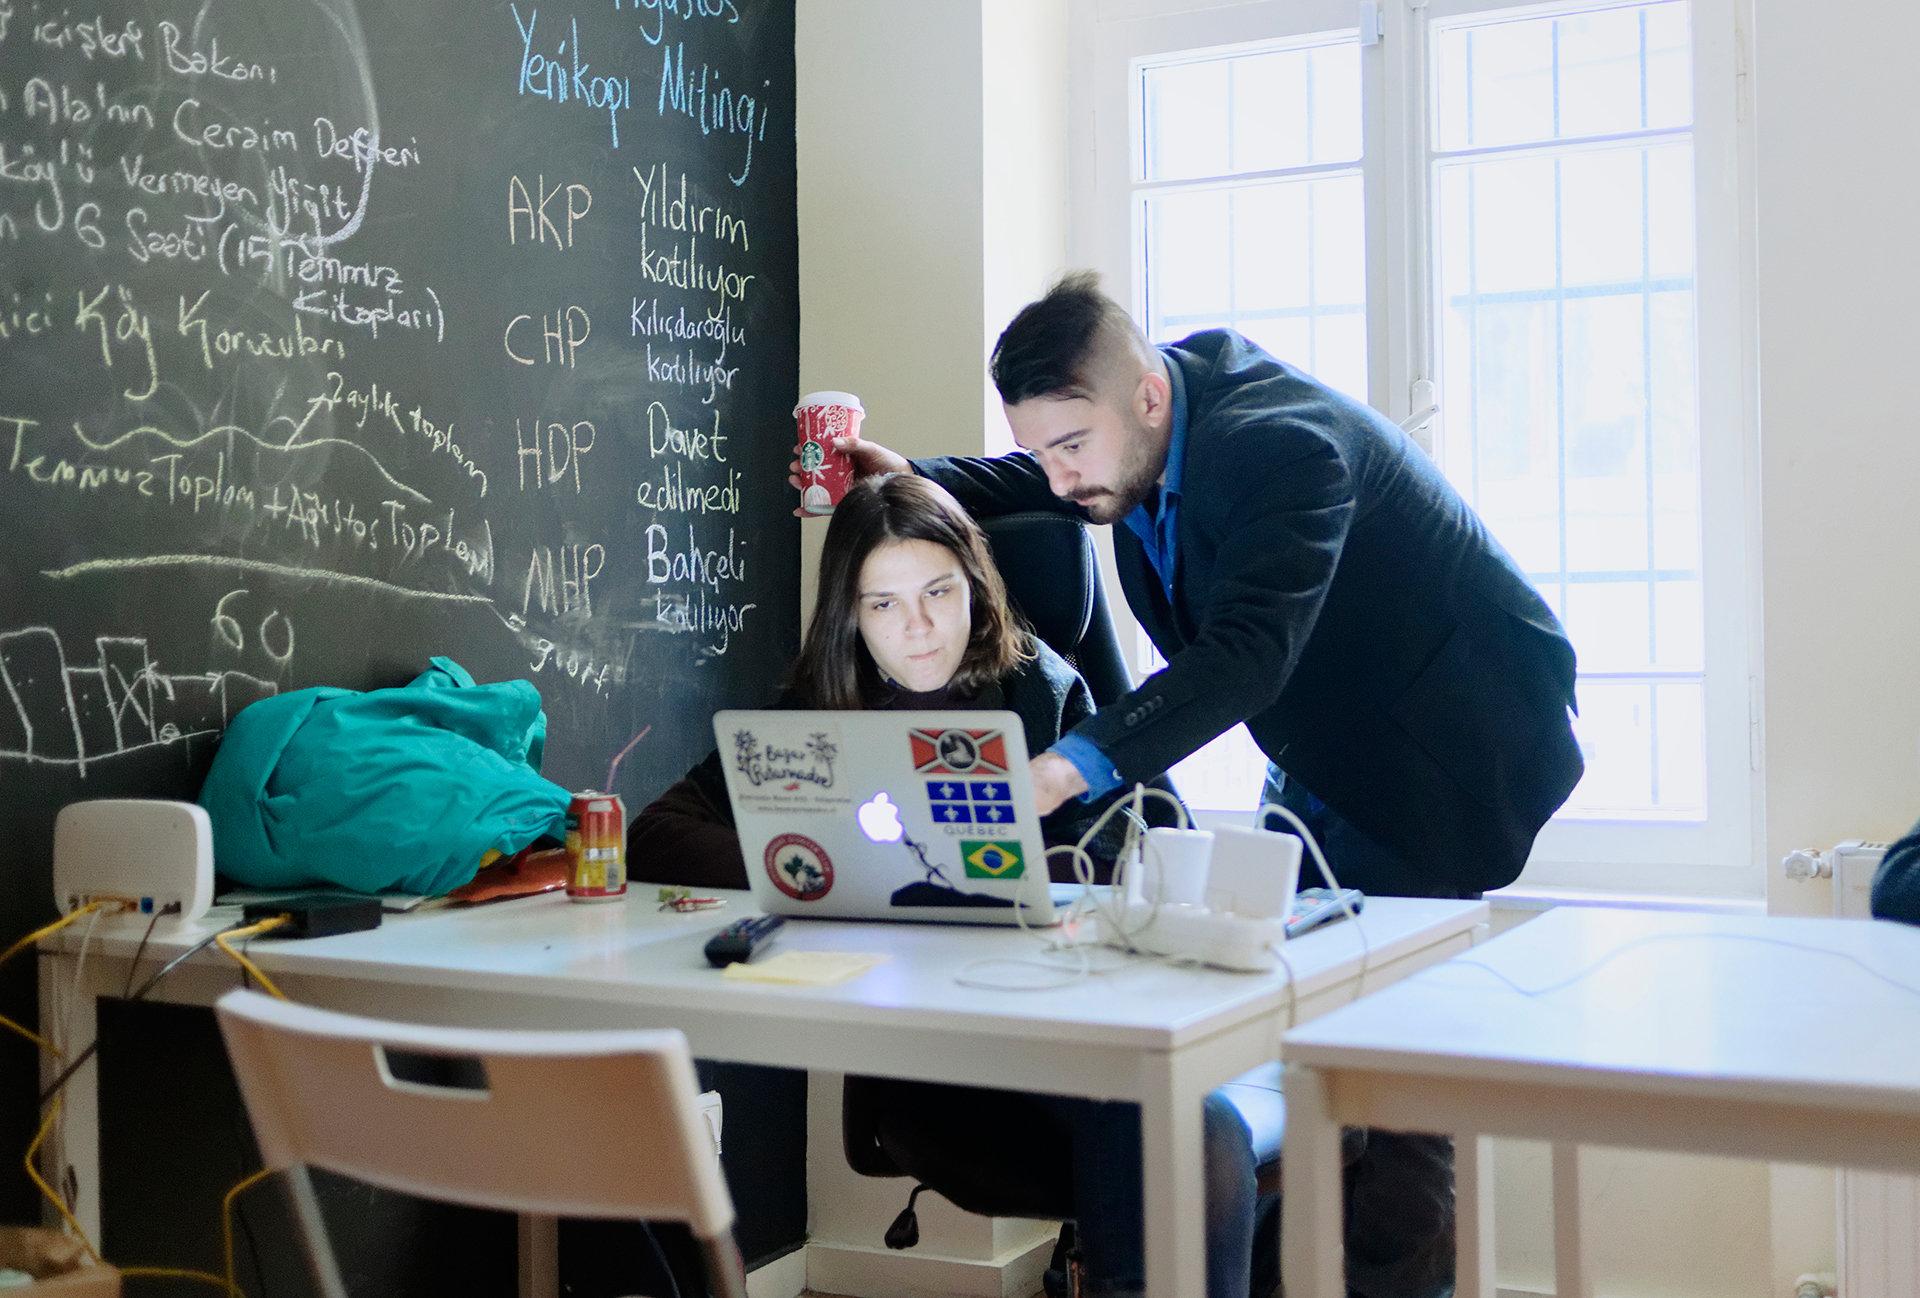 Engin Önder und eine Redakteurin von 140journos (Foto: Furkan Temir)